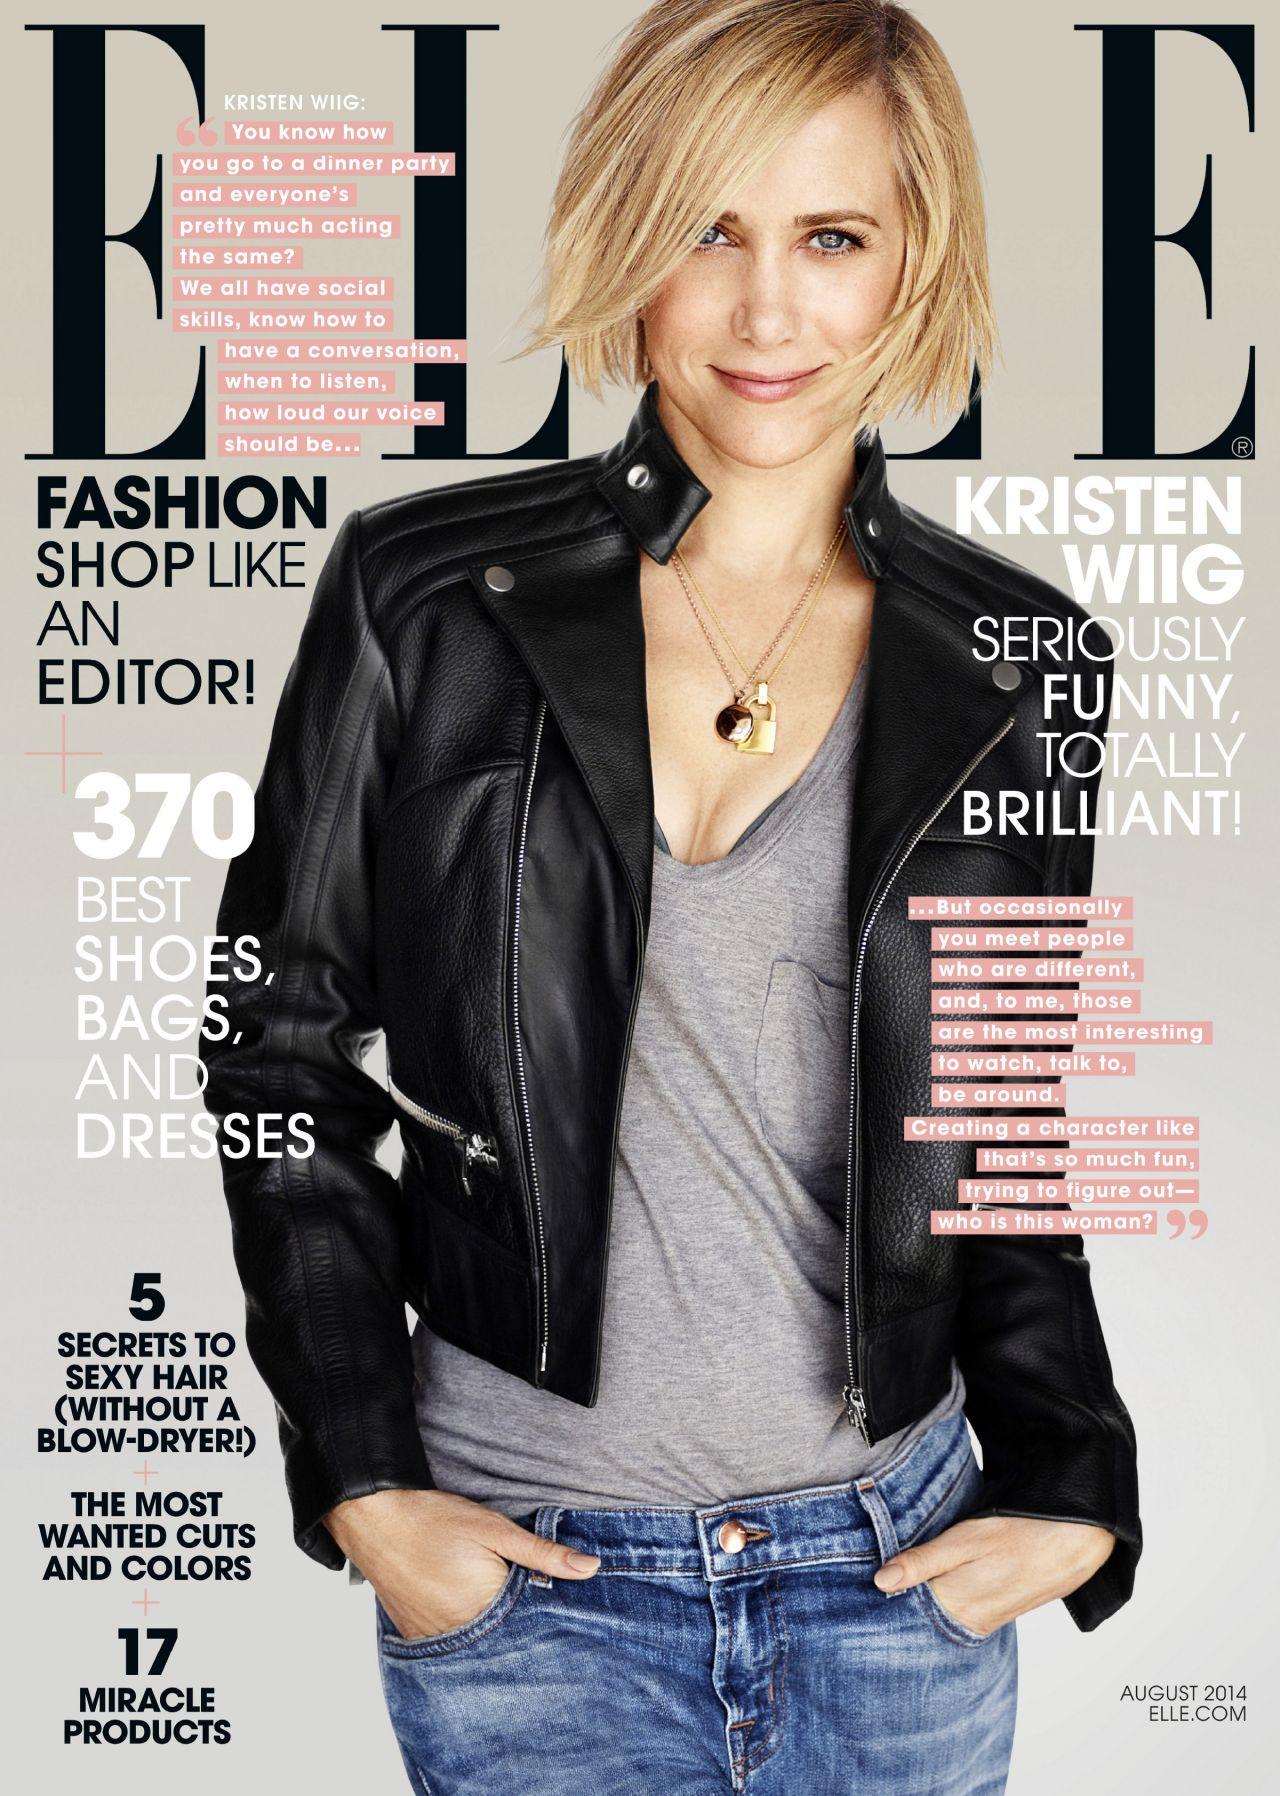 Kristen Wiig - Elle Magazine - August 2014